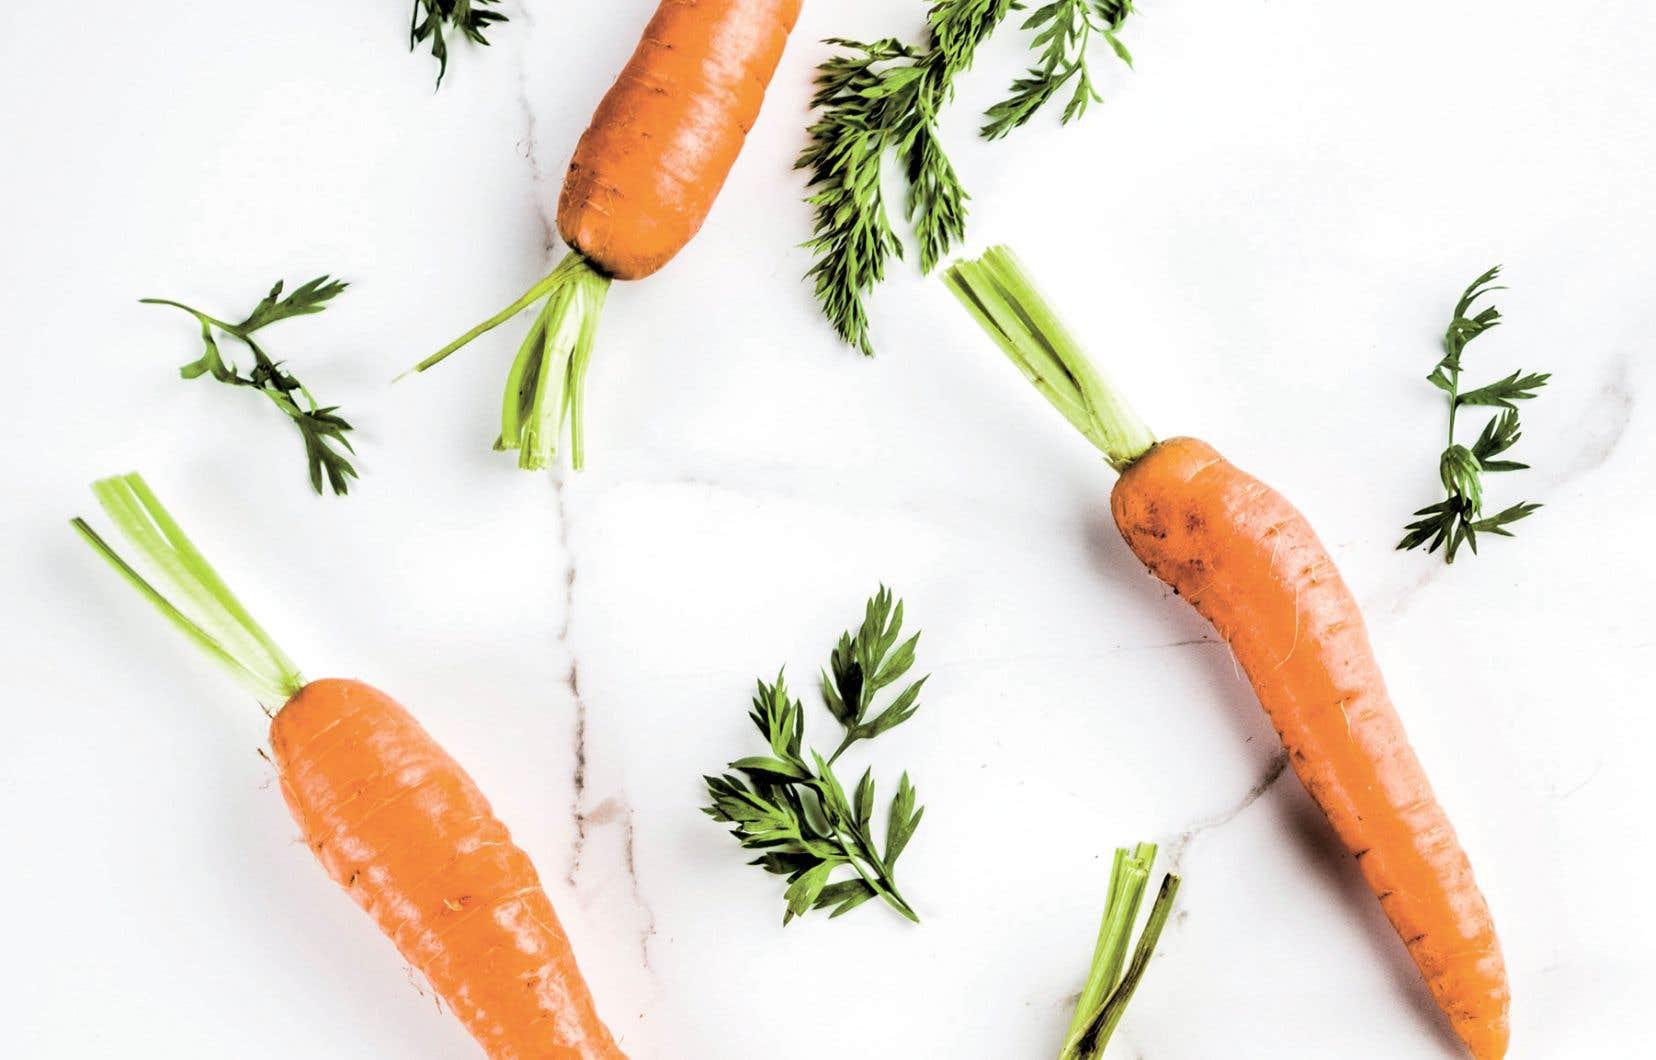 La meilleure façon de mettre les carottes en valeur quand elles sont à leur sommet de saveur, c'est de les rôtir entières dans un four très chaud.